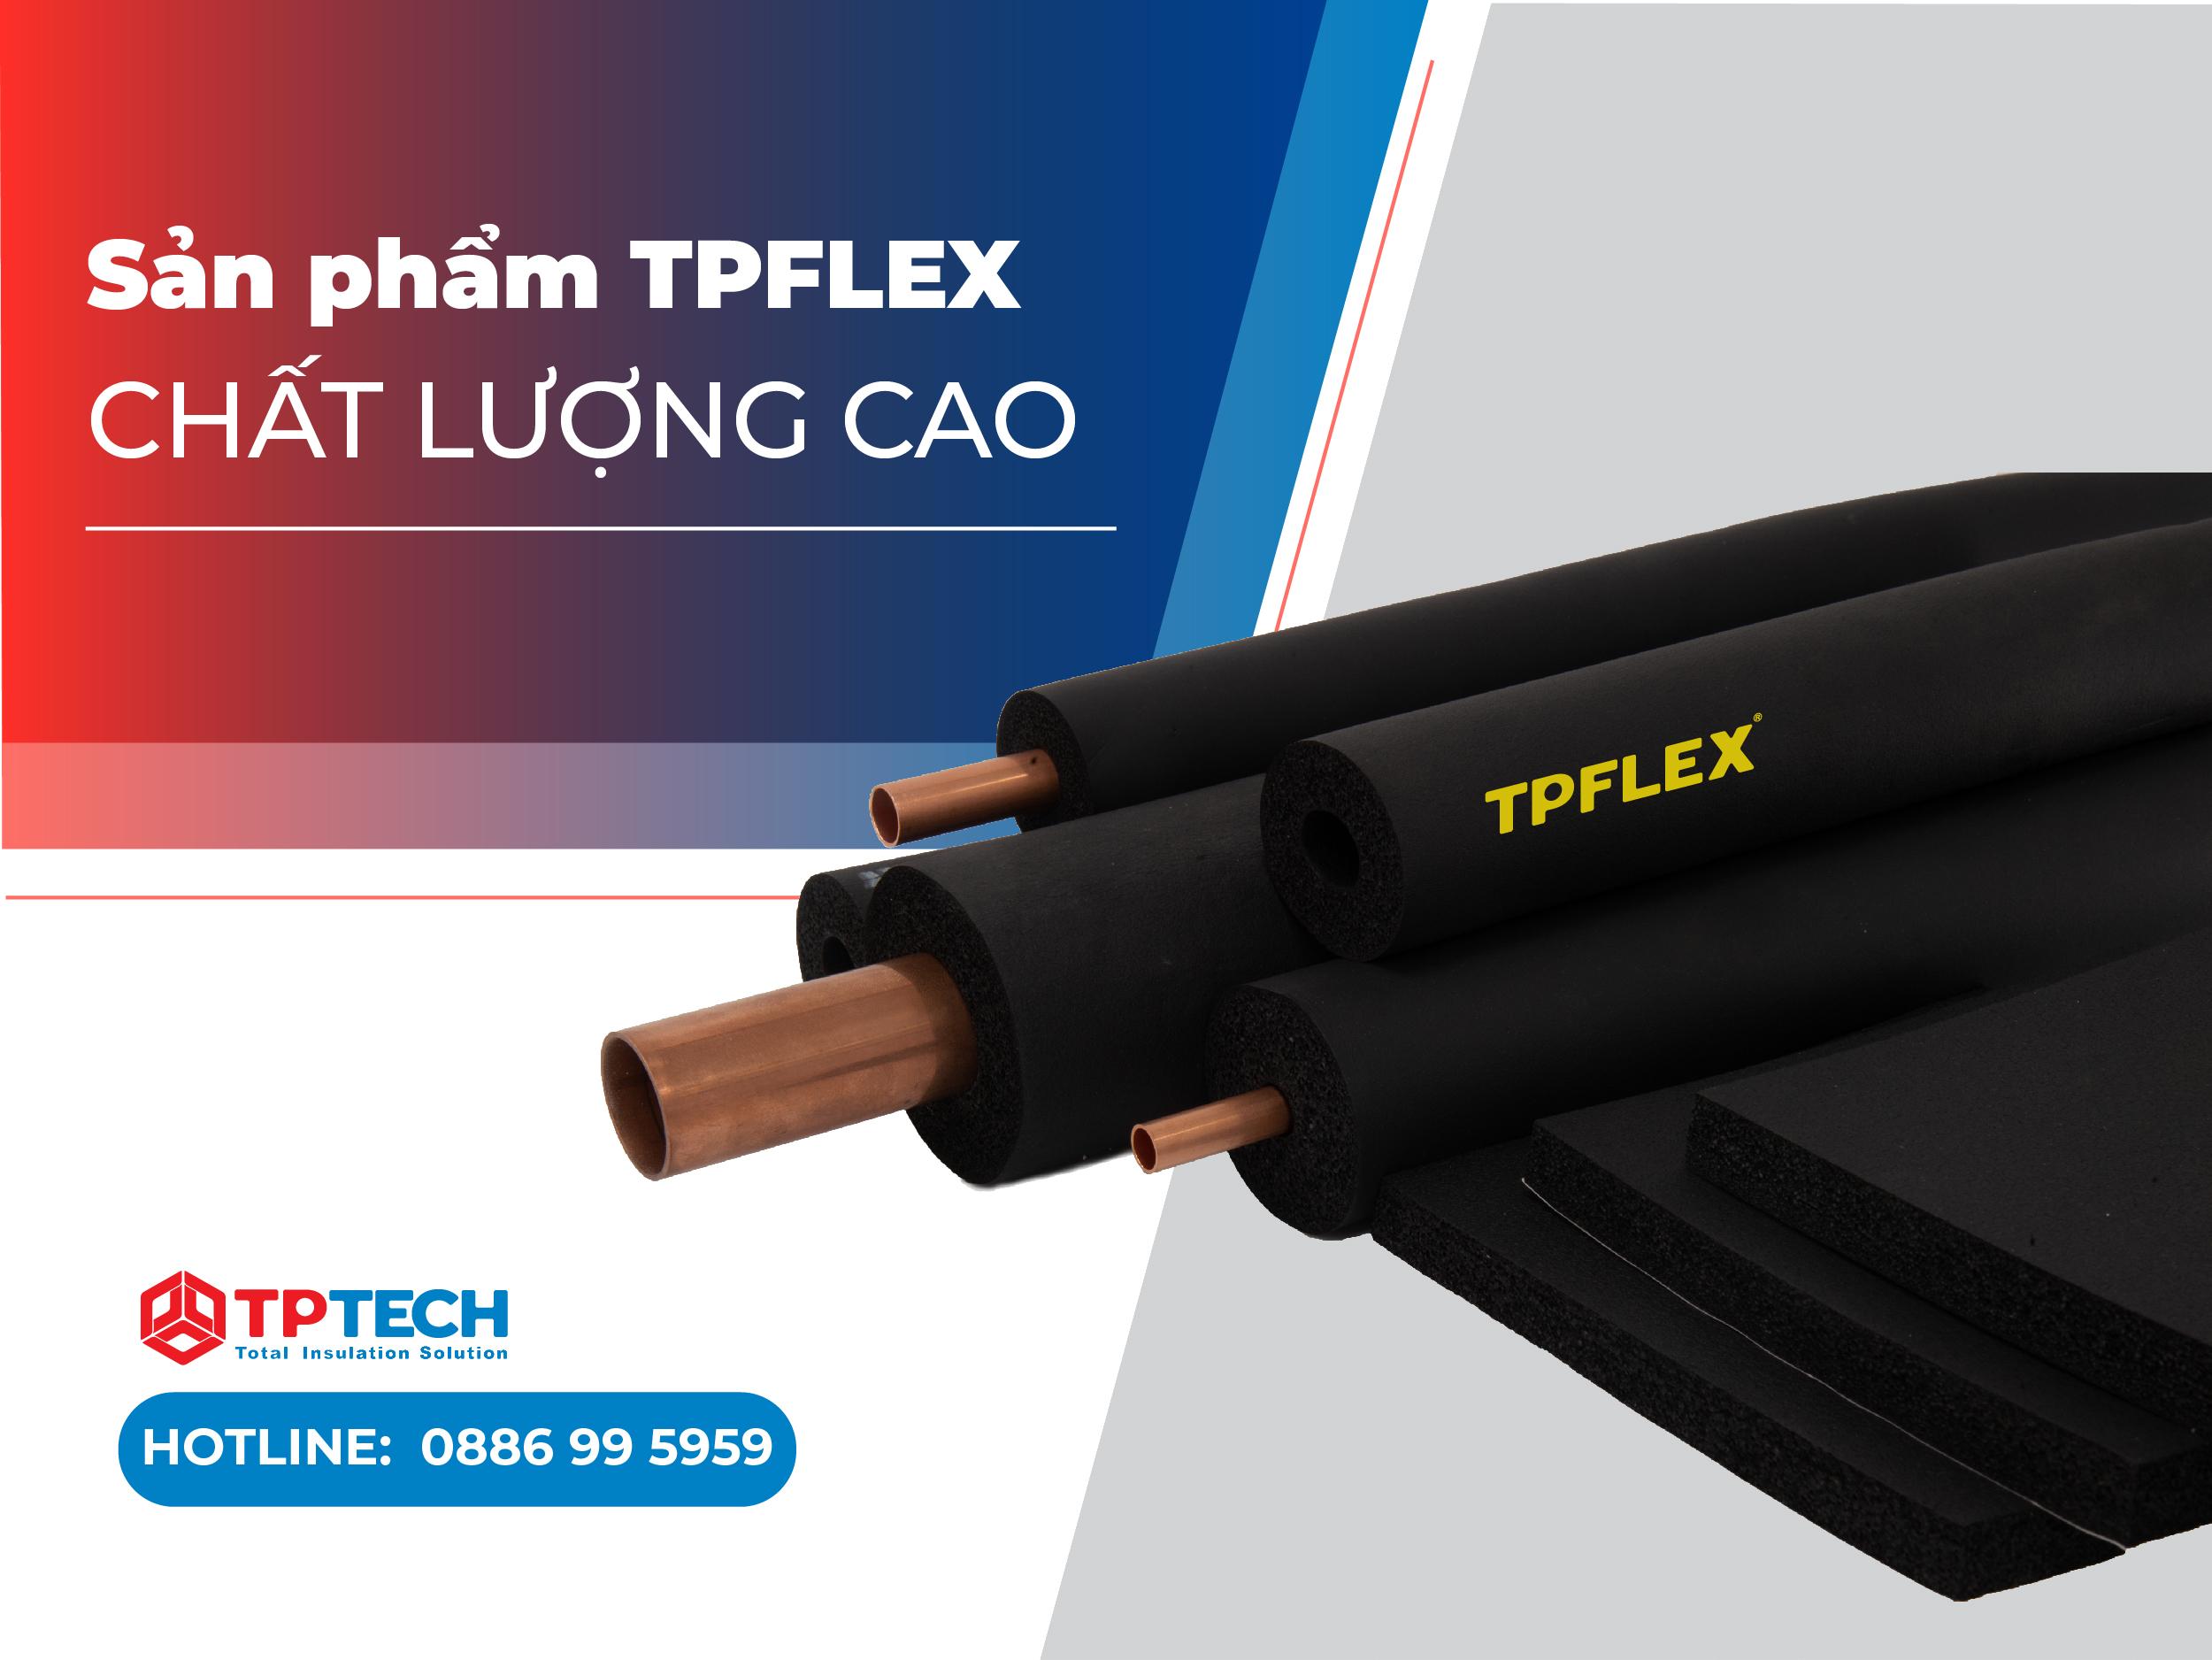 Sản phẩm TPFLEX chất lượng cao